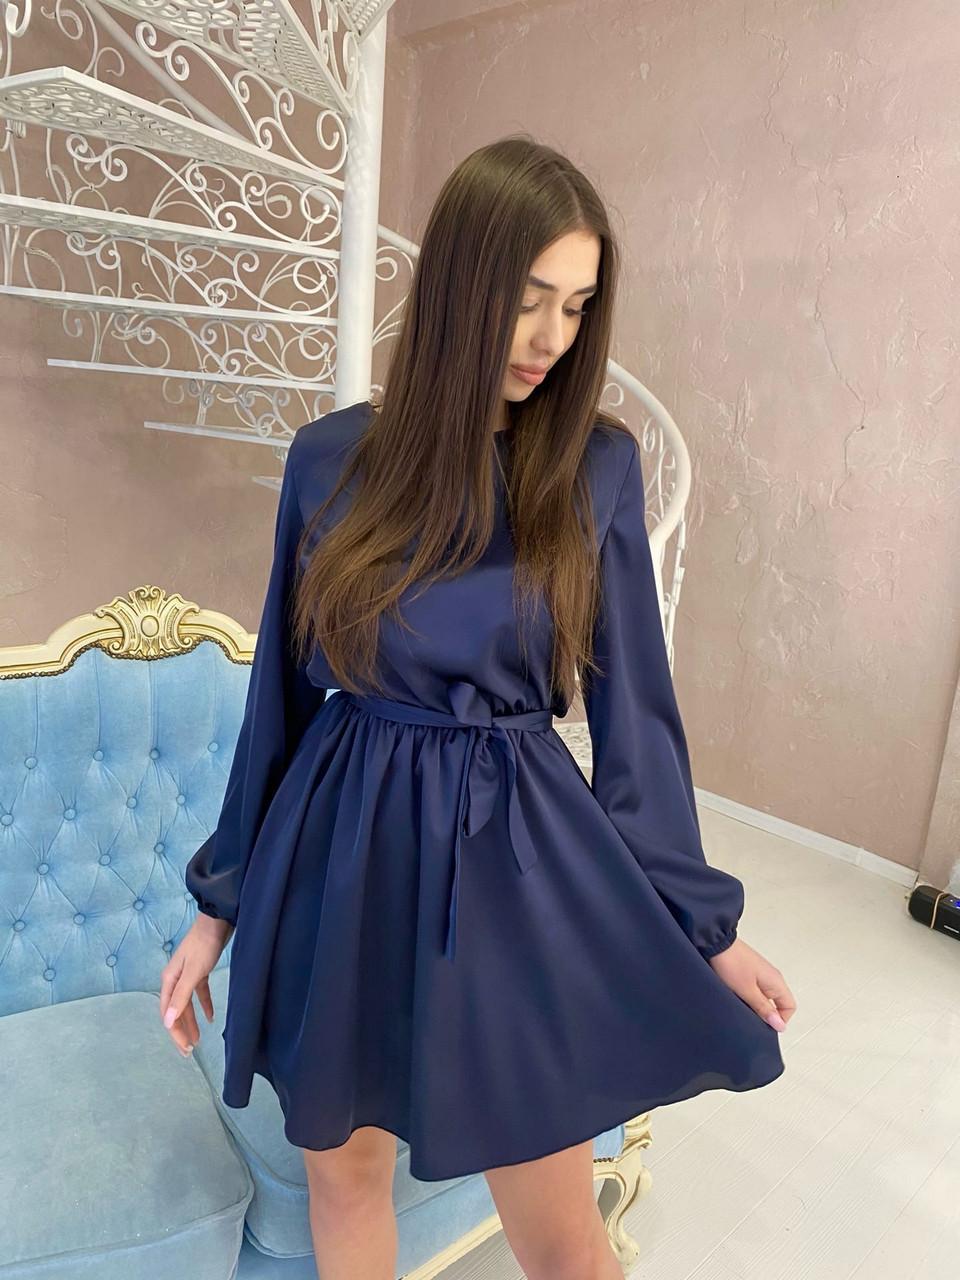 Легкое шелковое платье юбка клеш с поясом, 00522 (Темно-синий), Размер 44 (M)